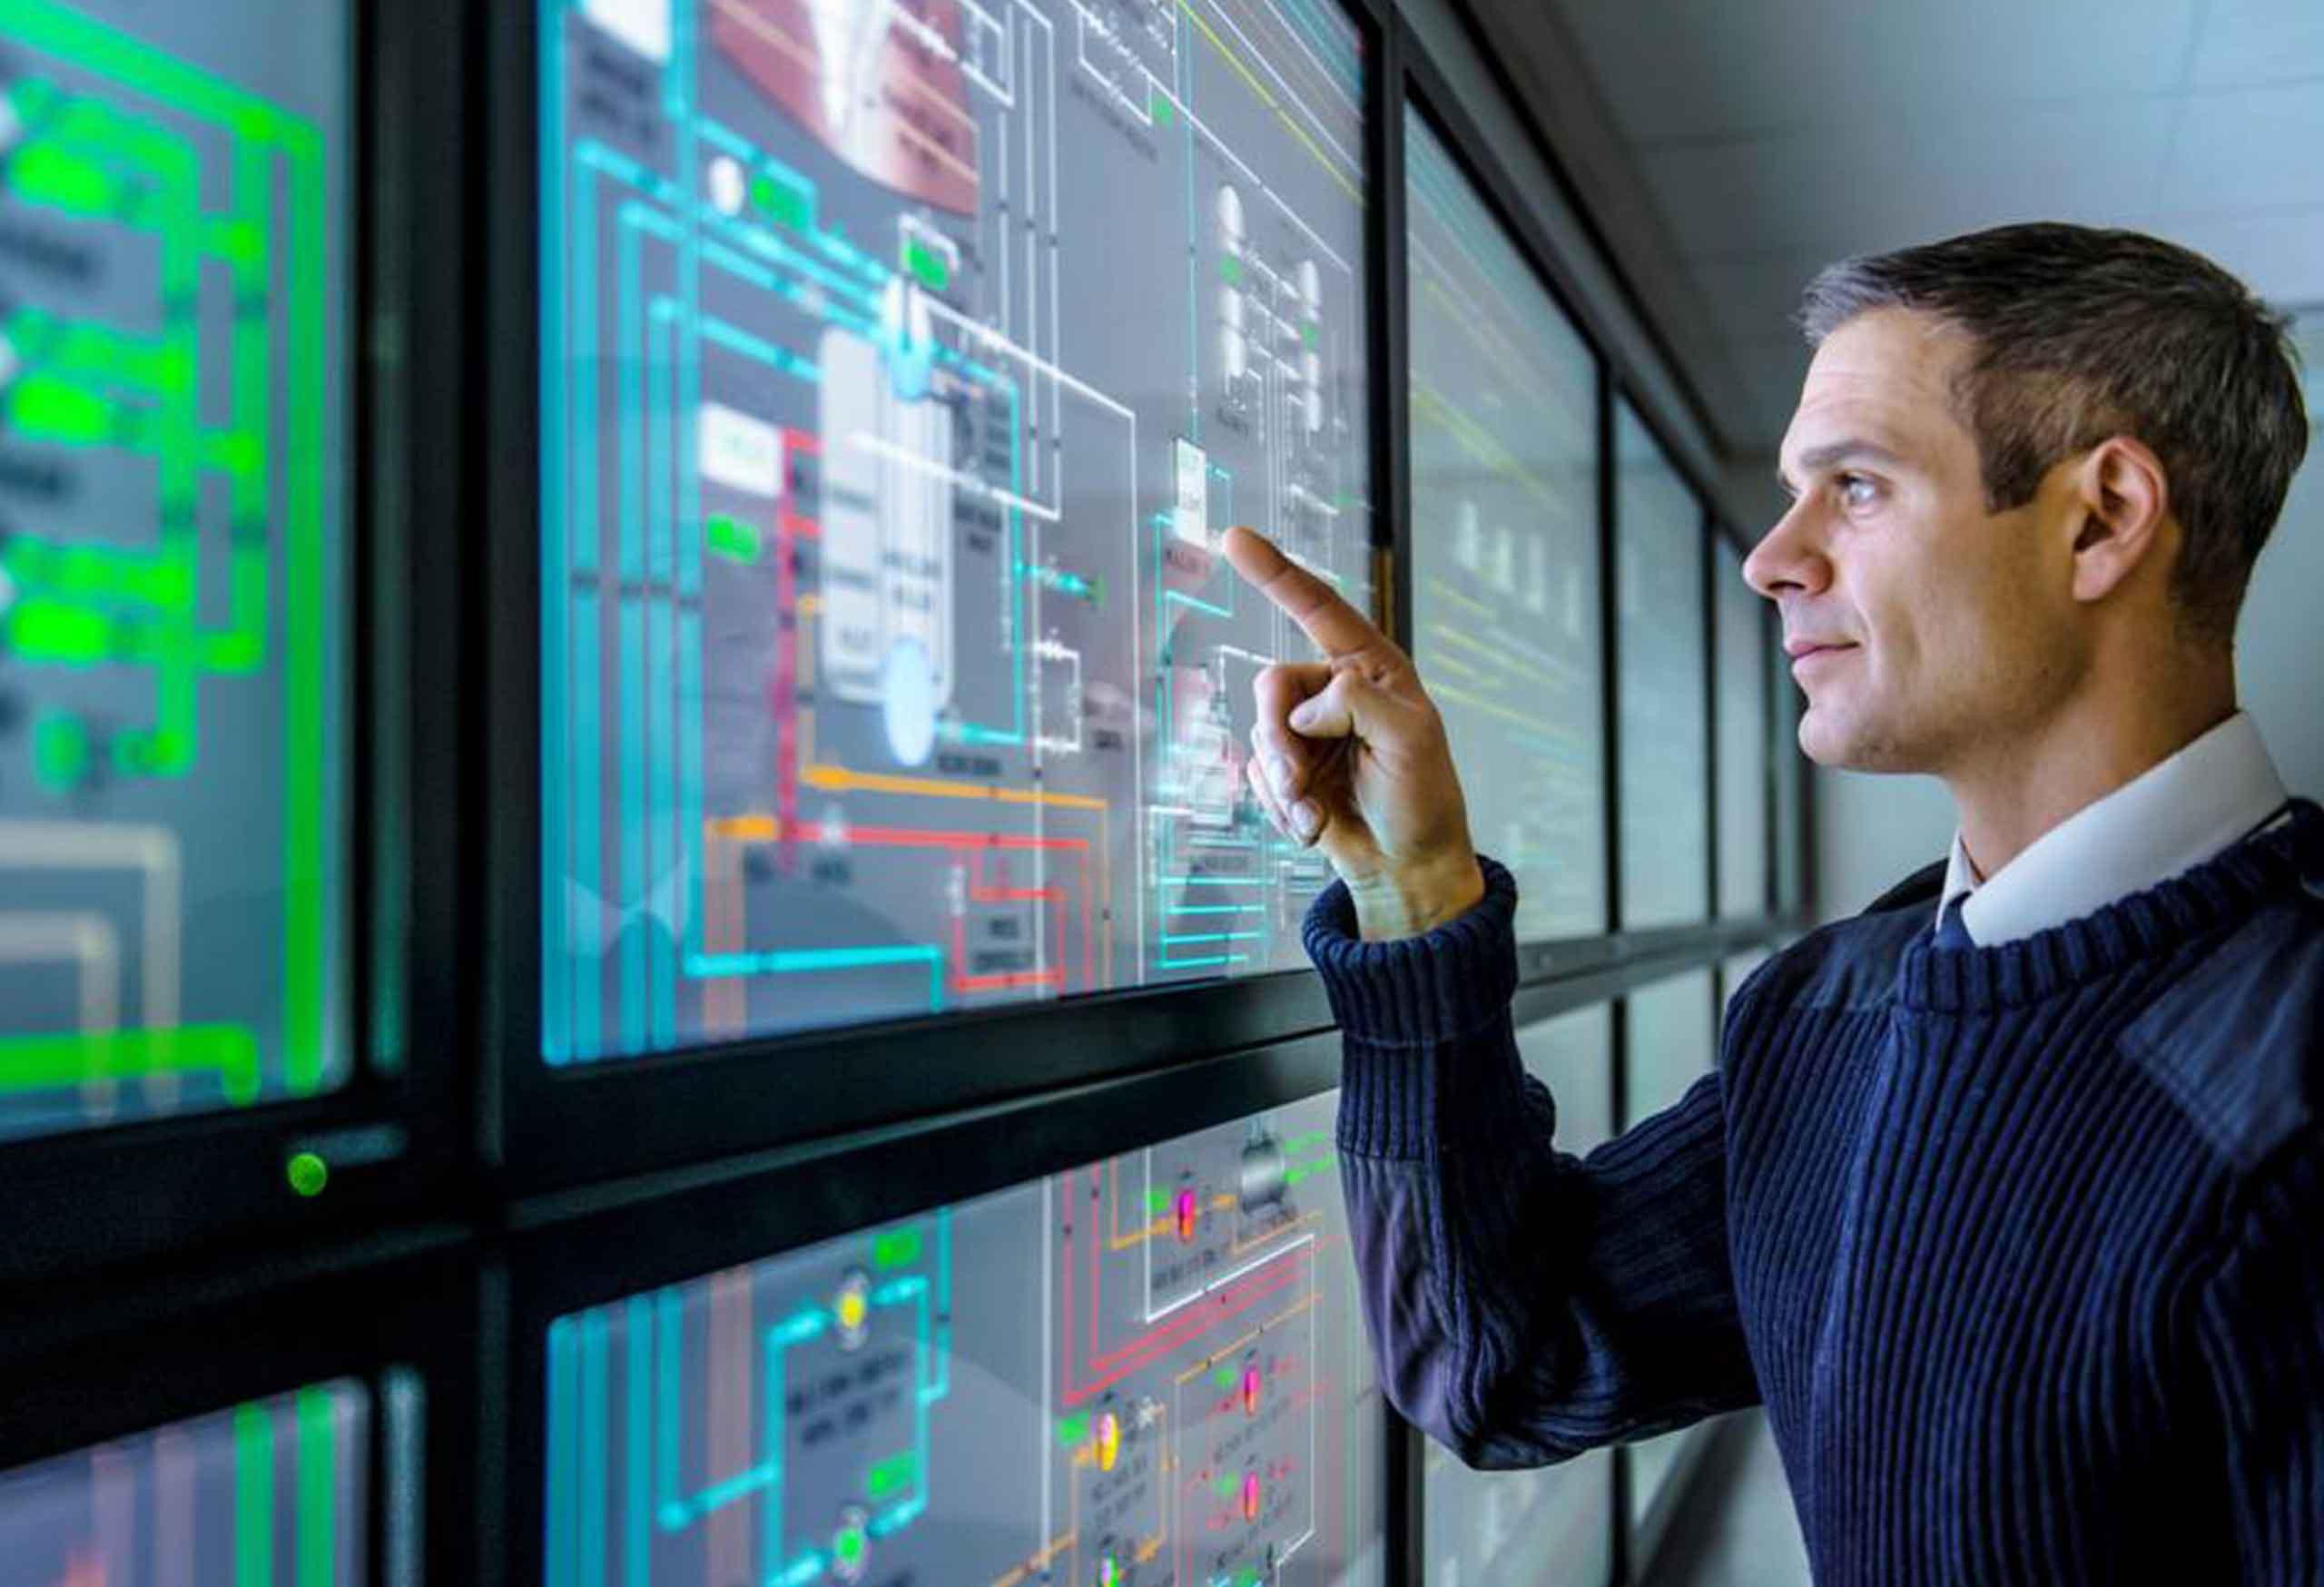 Zmiany technologii przemysłowych umożliwiają partnerom korzystanie z narzędzi IIoT